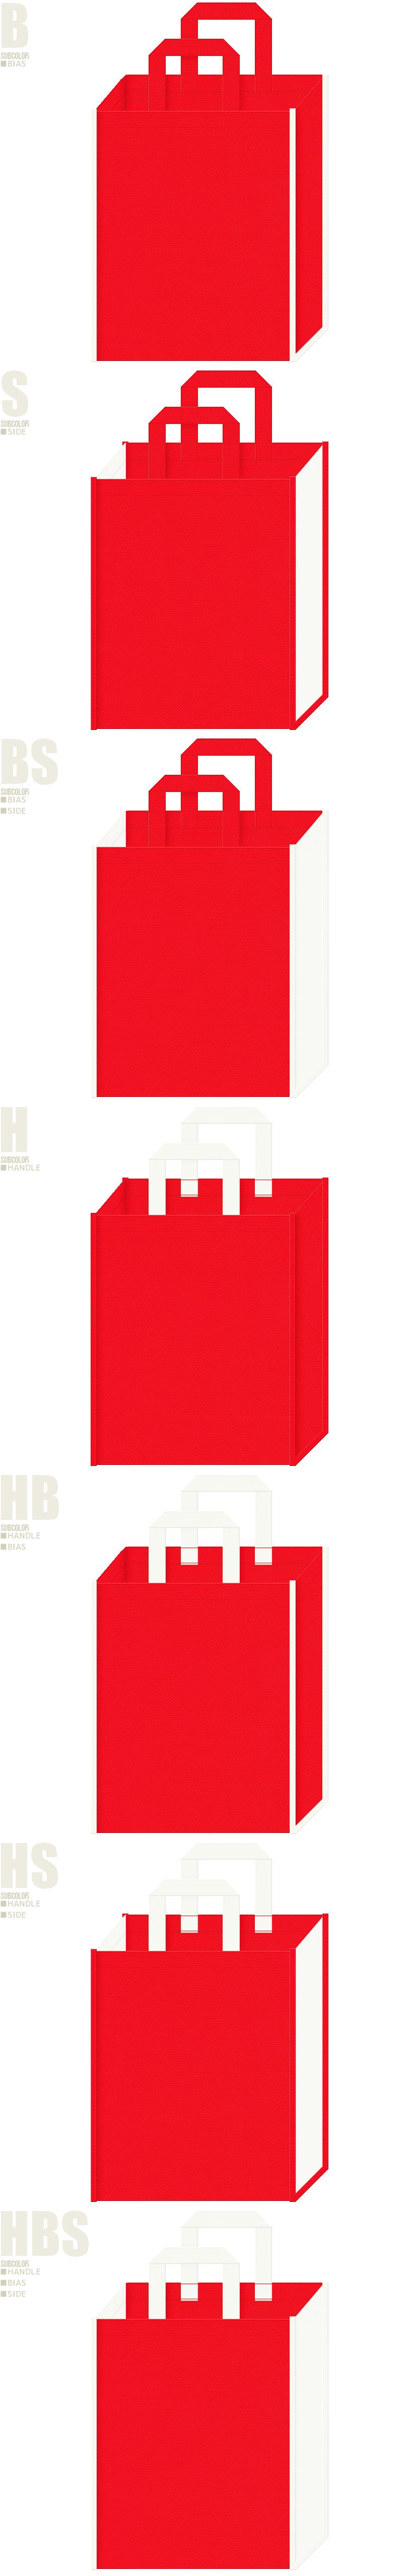 赤色とオフホワイト色、7パターンの不織布トートバッグ配色デザイン例。クリスマスイベントにお奨めです。